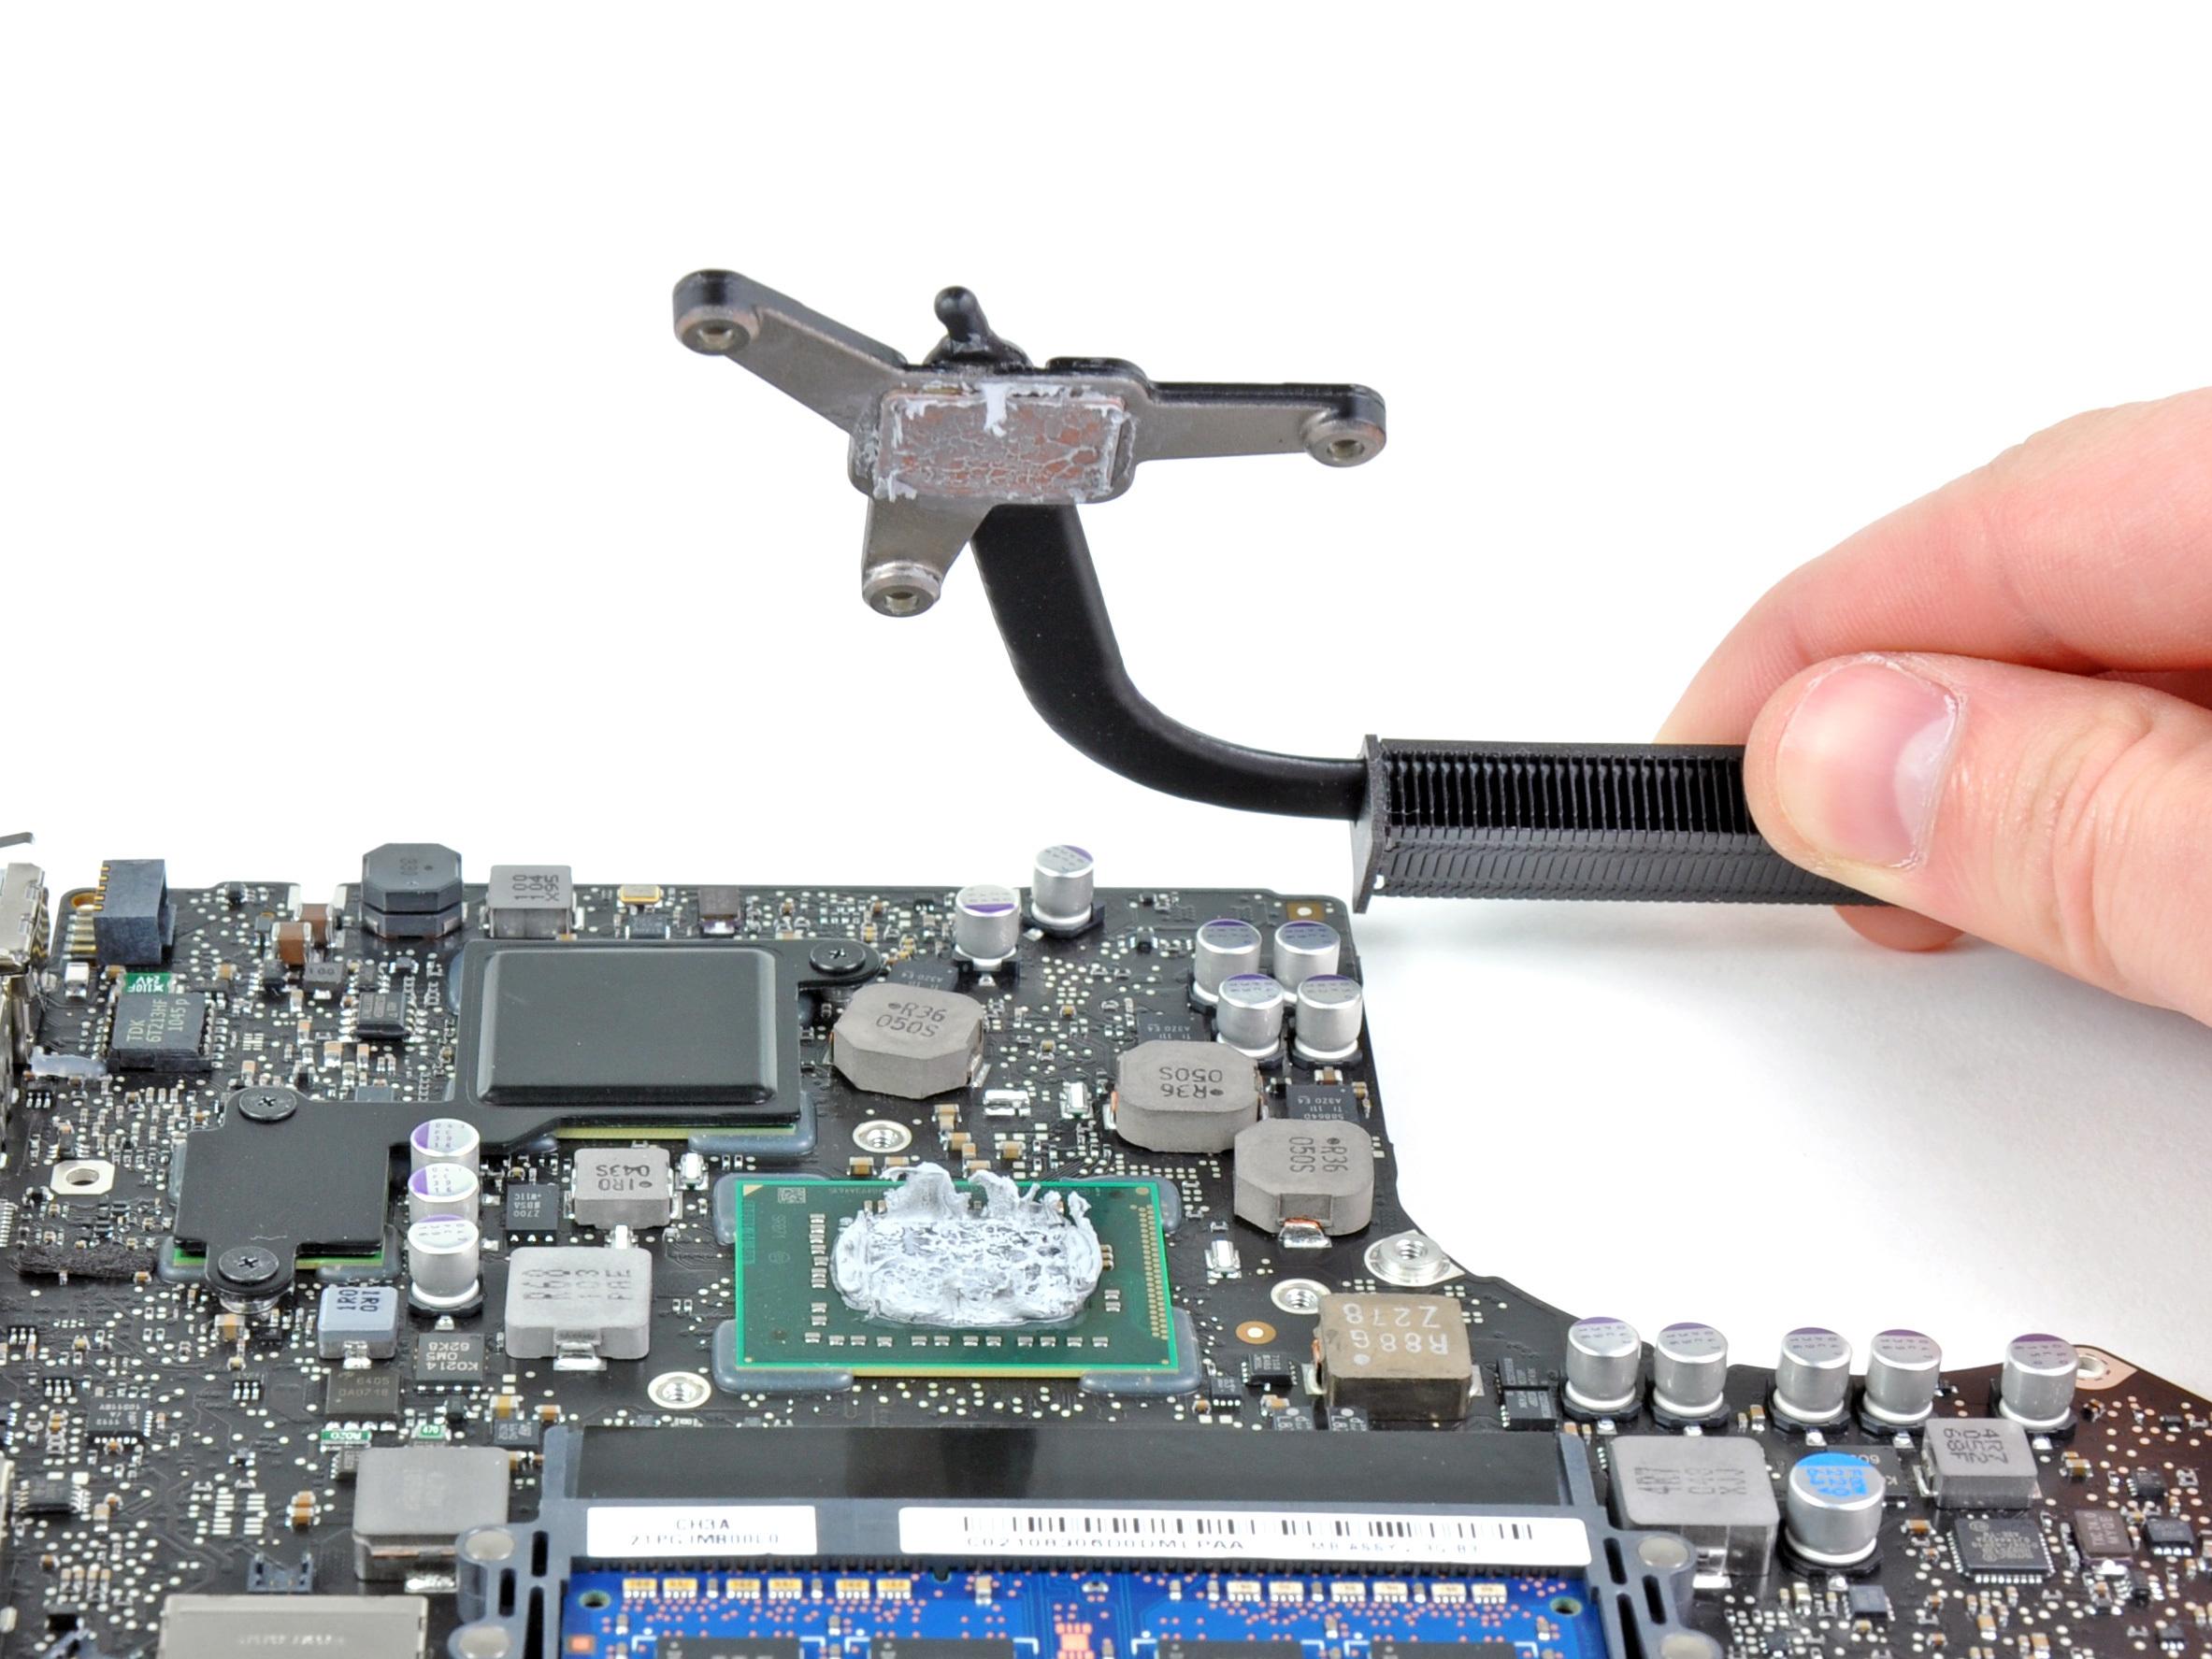 Macbook Pro 13 Unibody Early 2011 Logic Board Replacement Ifixit Baterai Original Apple A1322 A1278 Inchi Repair Guide